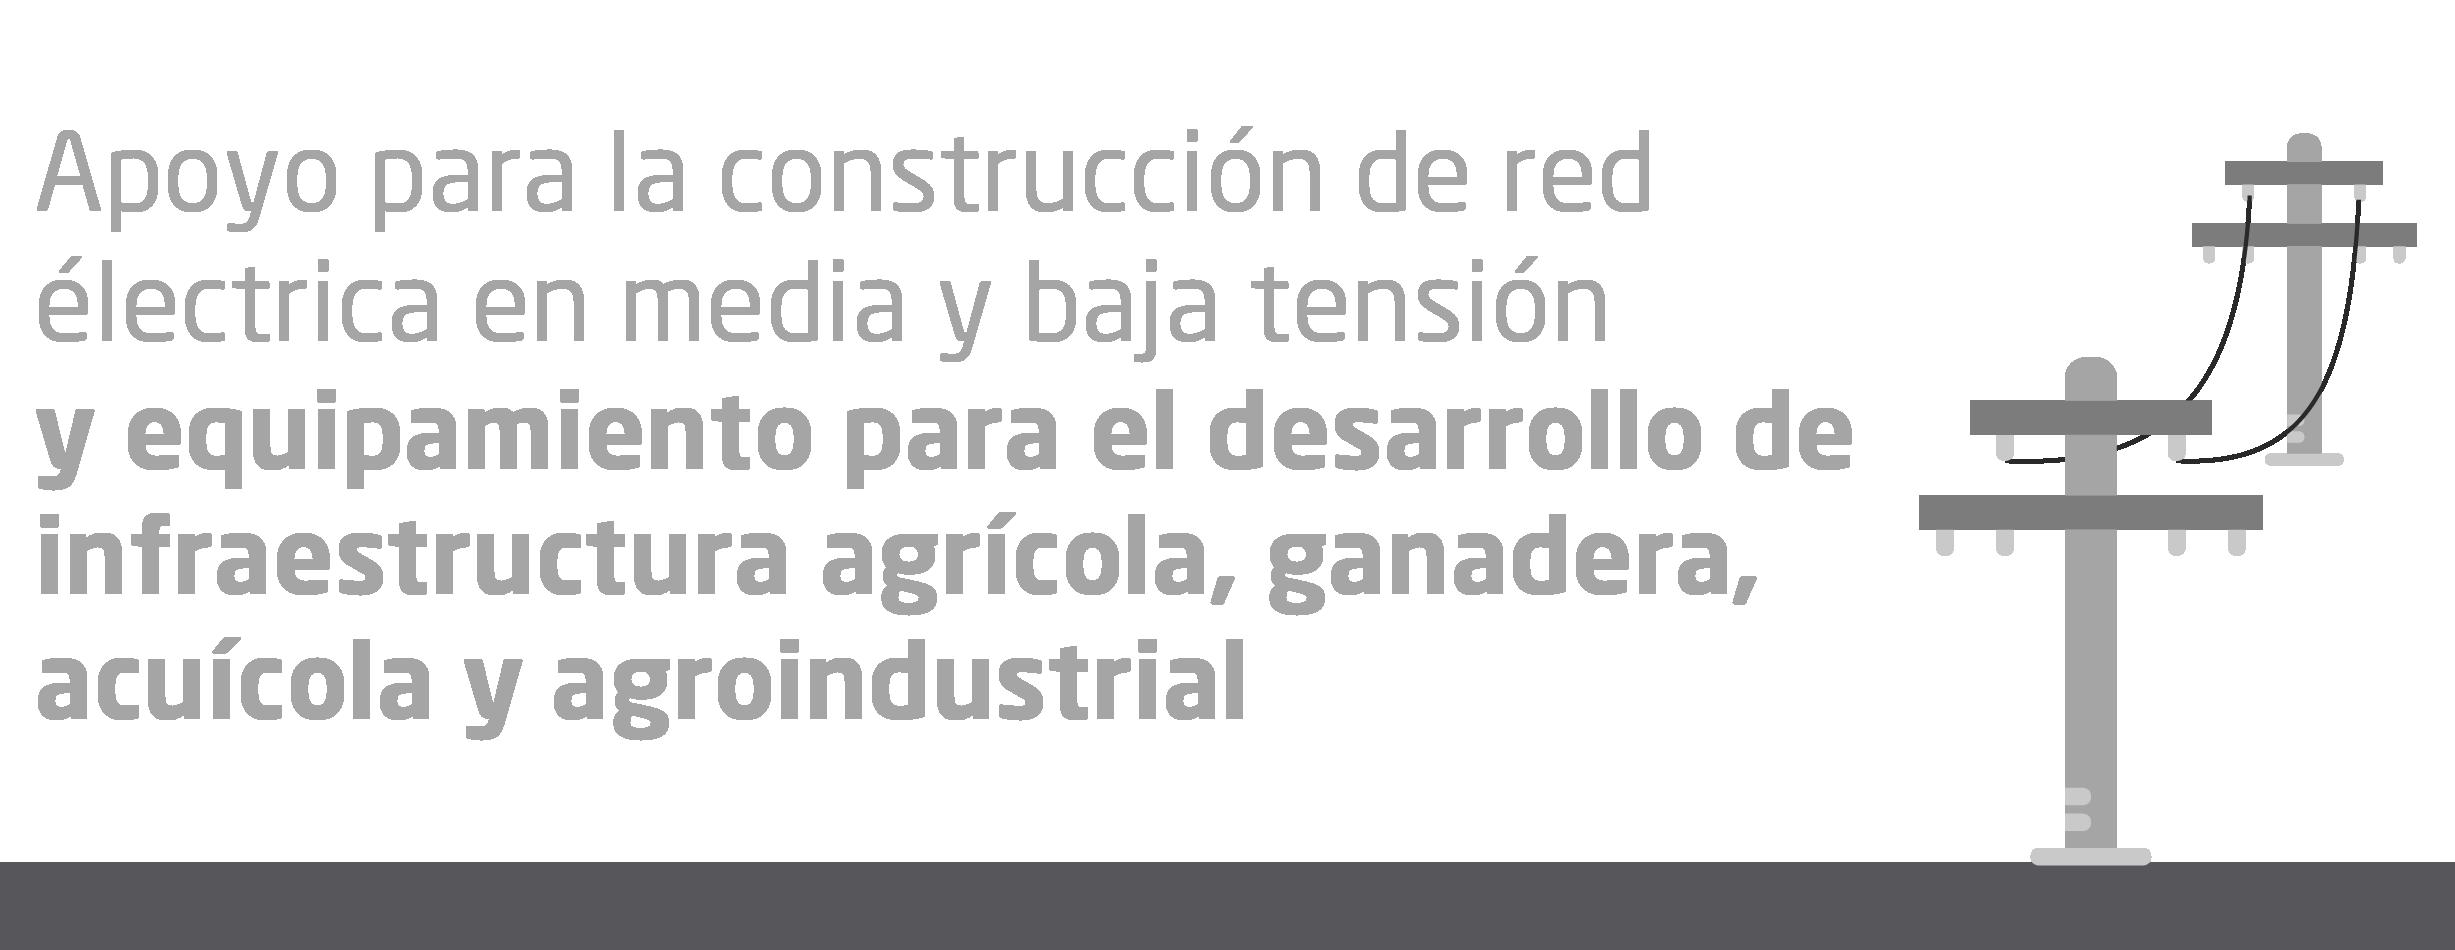 Apoyo Para la Contrucción de Red Electrica